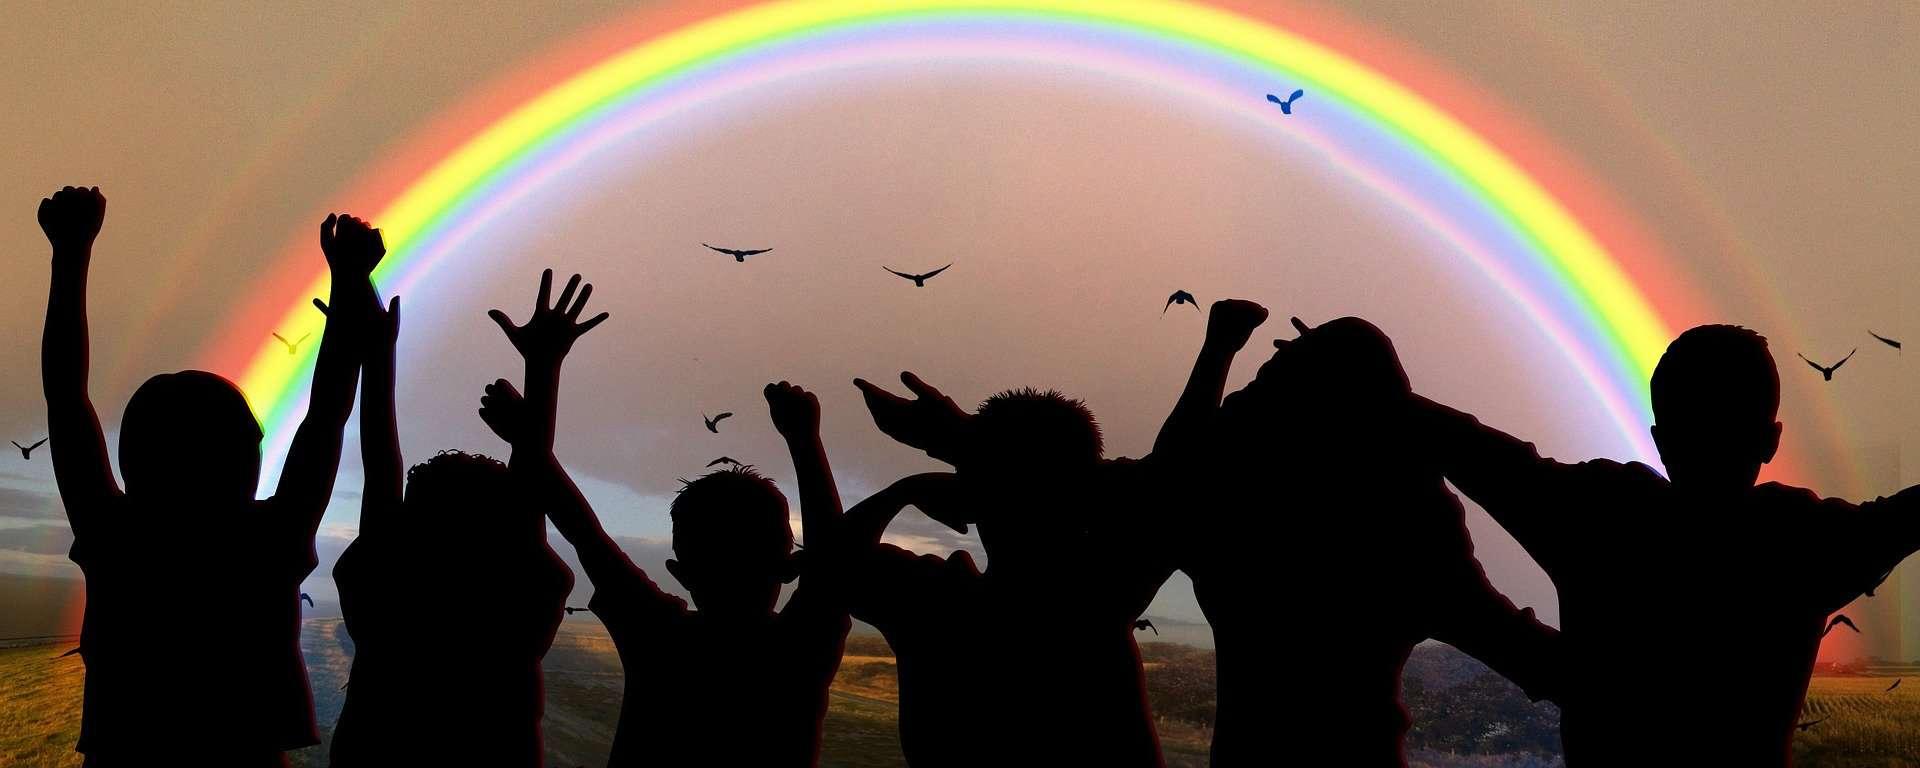 Quando l'ultimo arcobaleno colorerà il cielo torneremo ad abbracciarci: Buona Pasqua